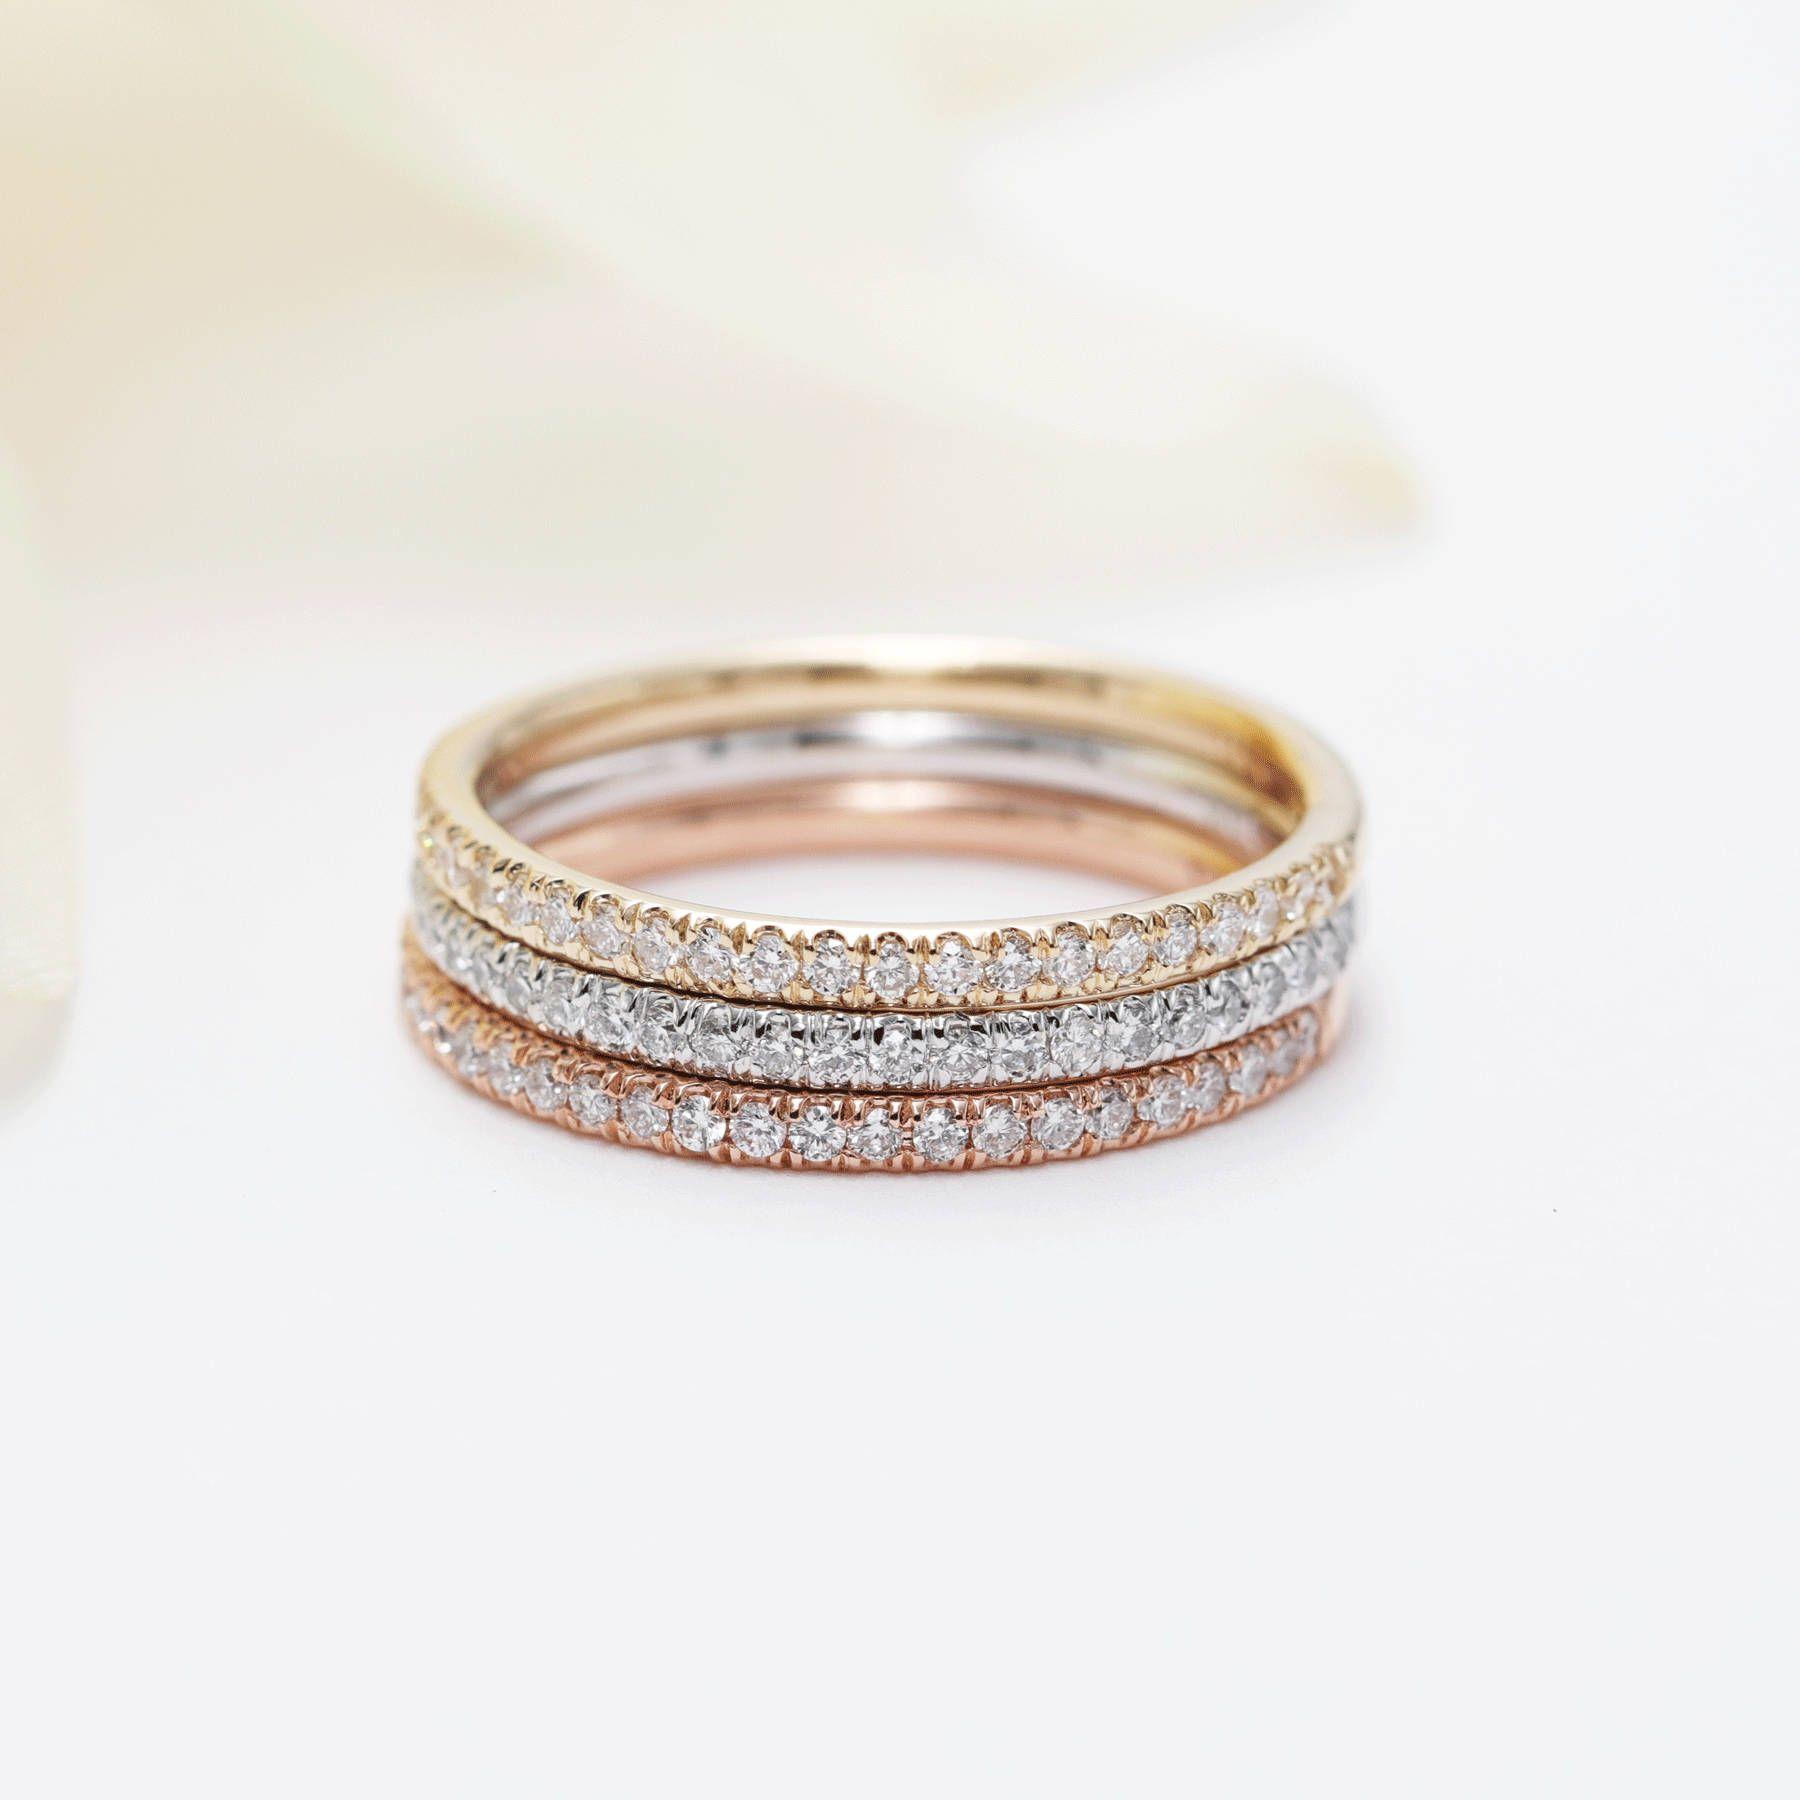 Set Of 3 14k Gold 1 7mm Diamond Halfway Wedding Band 14k Yellow White Rose Gold Ring Rose Gold Matching Rose Gold Ring Set Stacked Diamond Bands Gold Ring Sets